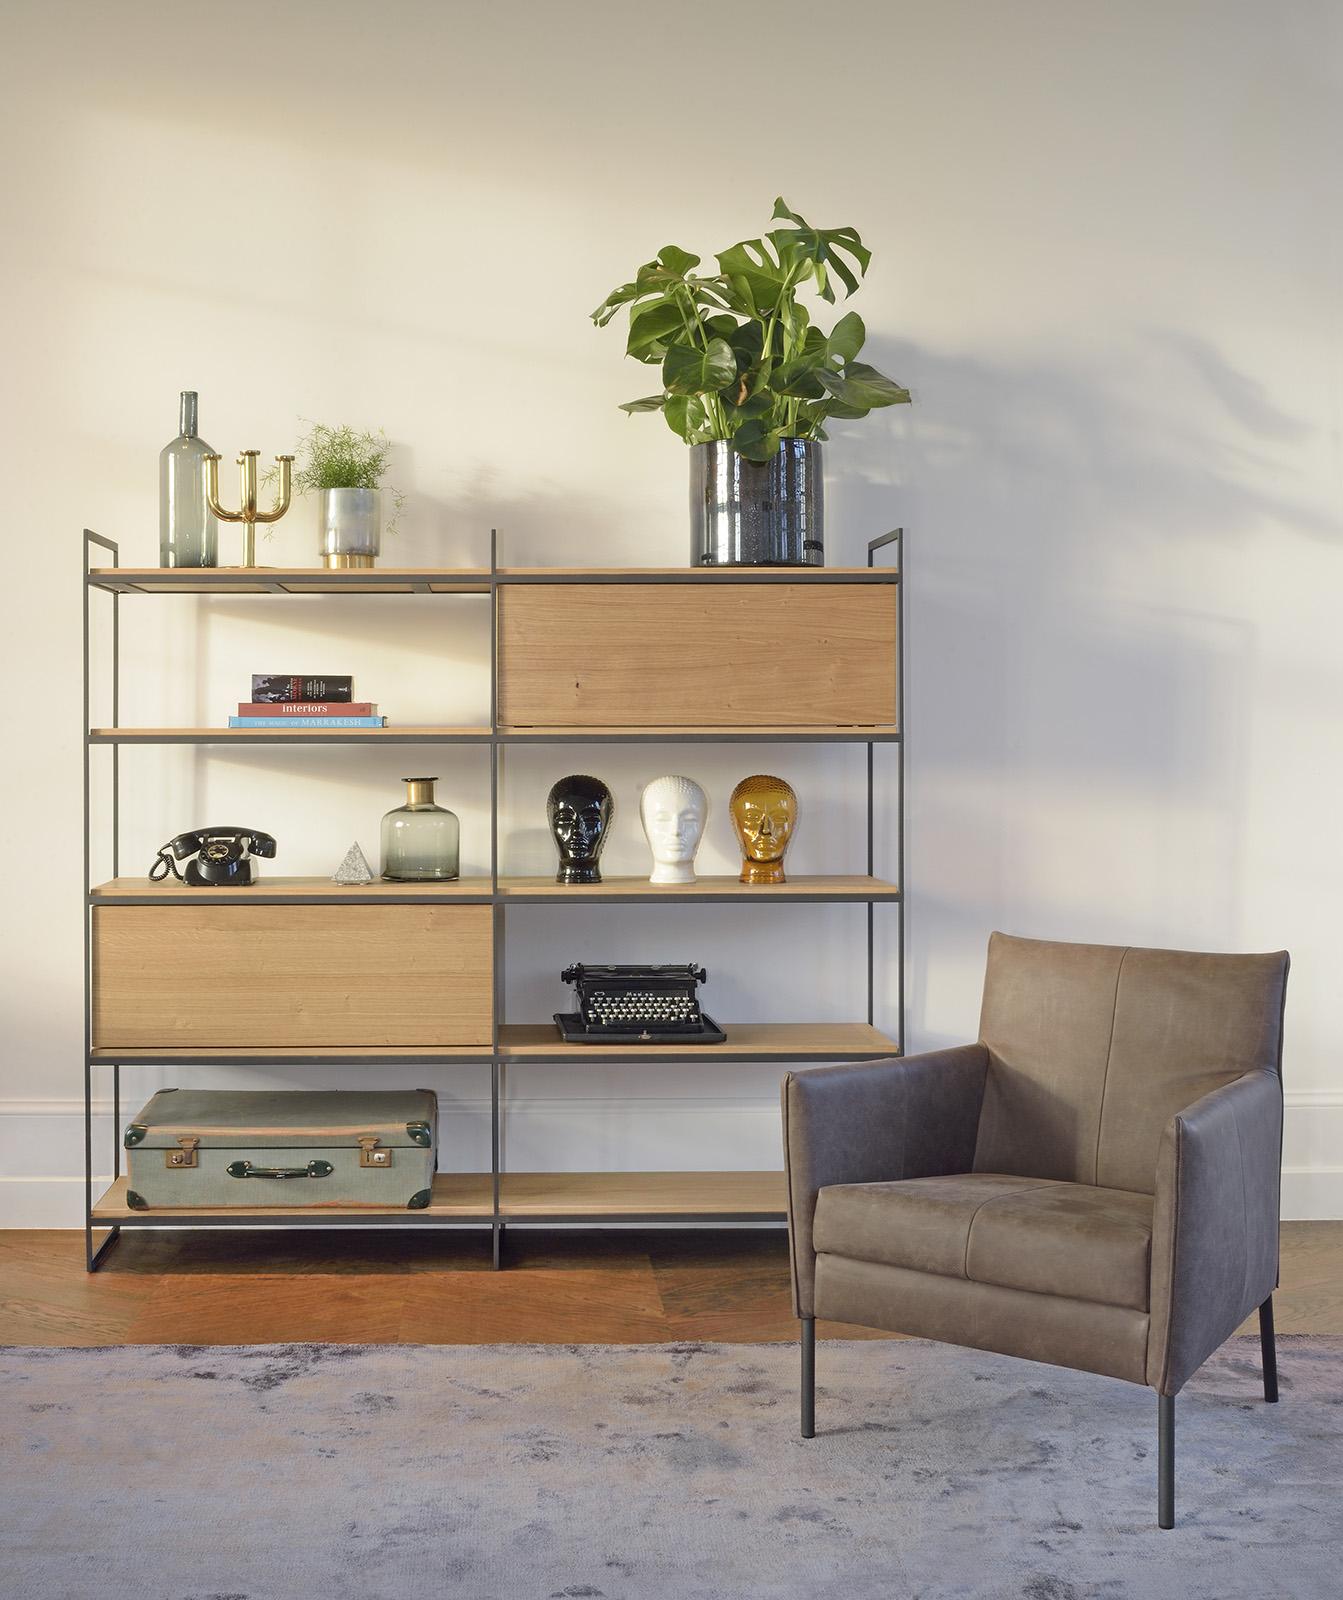 Bora kast met Dalia stoel uit de collectie Brown by Bert Plantagie